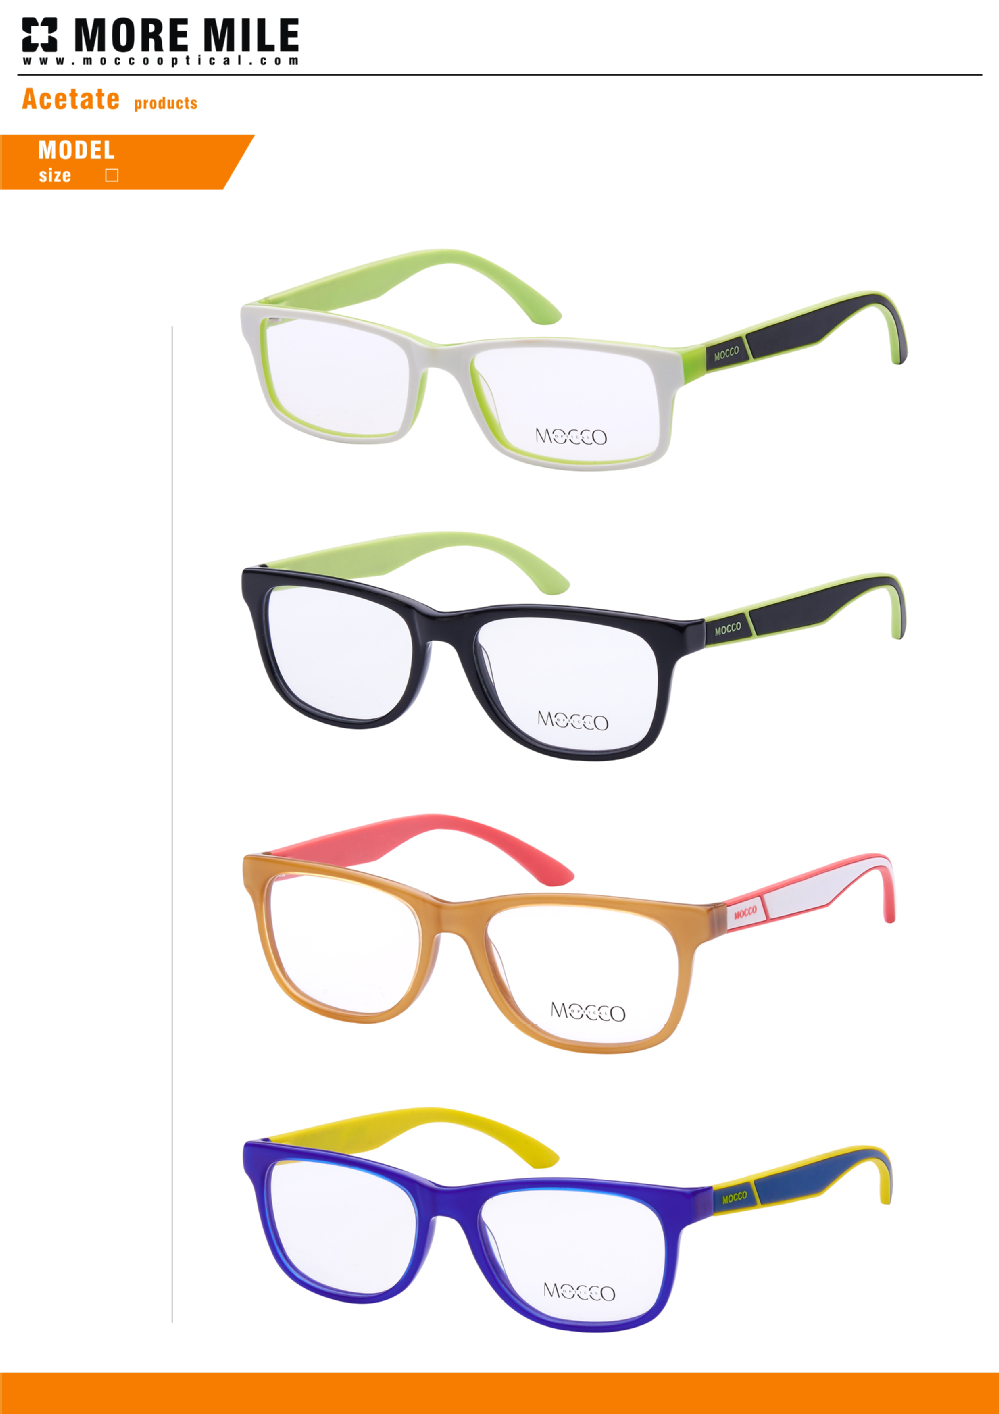 New Glasses Frames Styles 2014 : European Eye Glasses 2014 New Style Fish Eyewear For Women ...